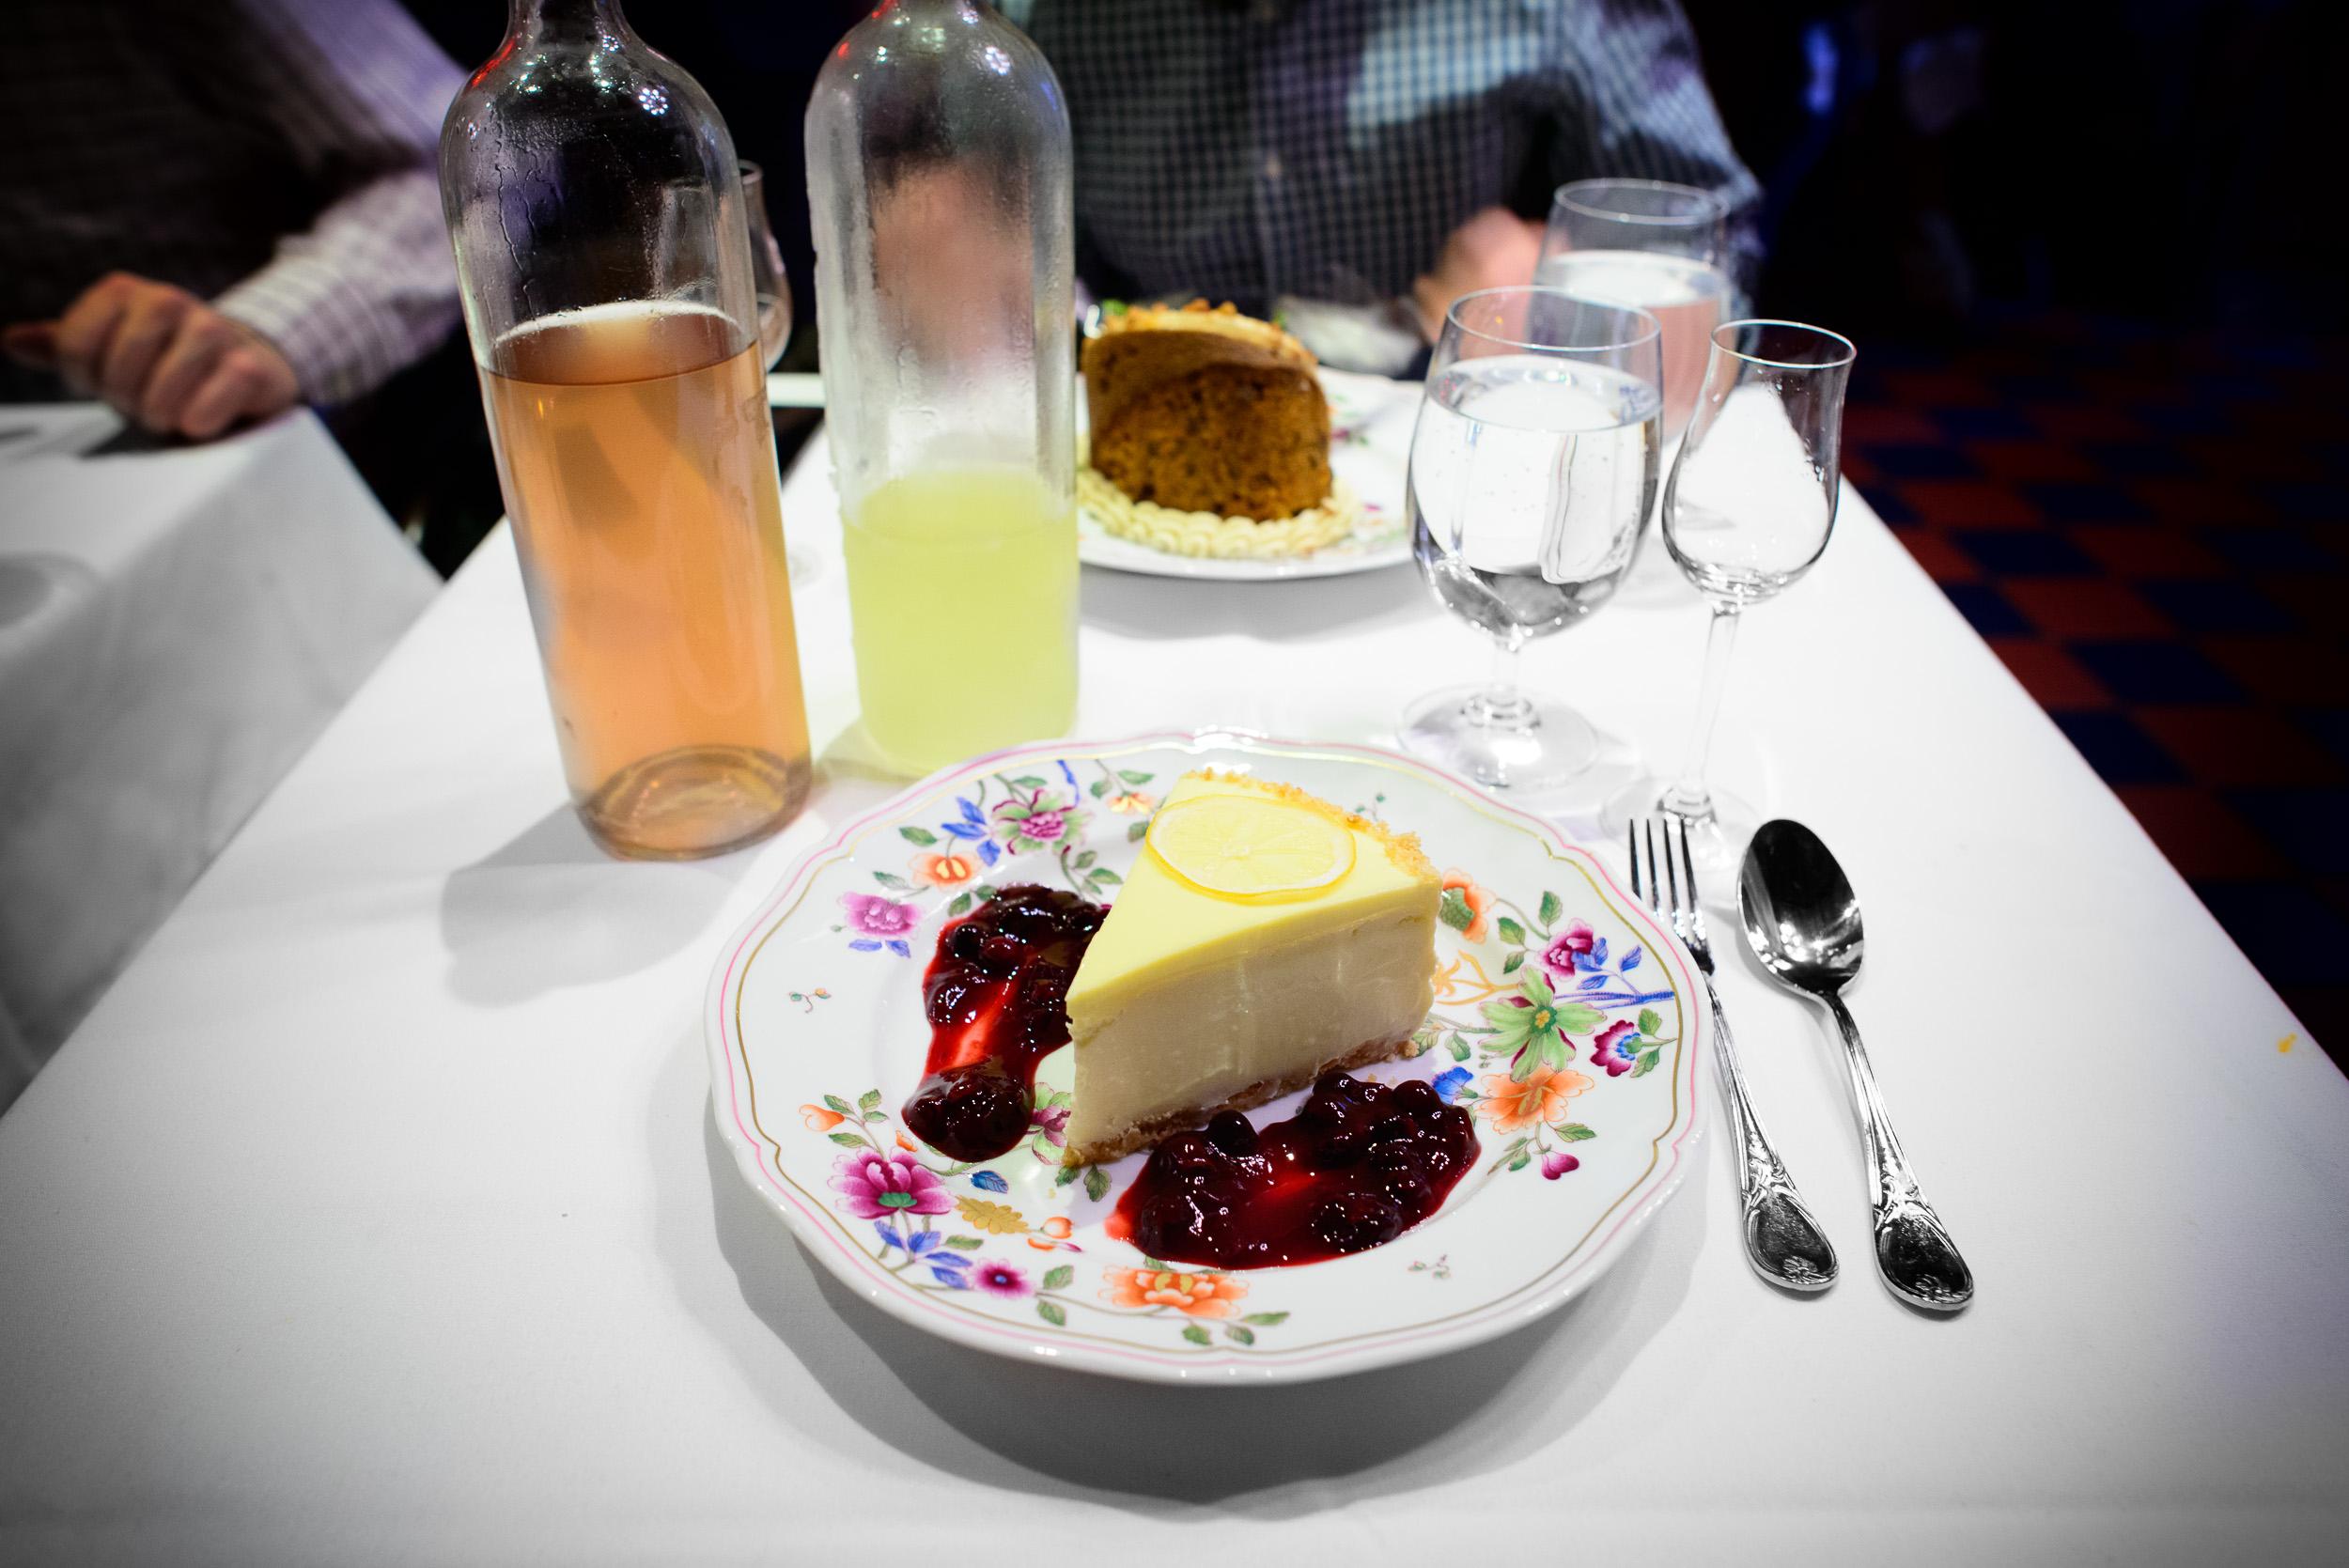 Lemon cheese cake, sliced